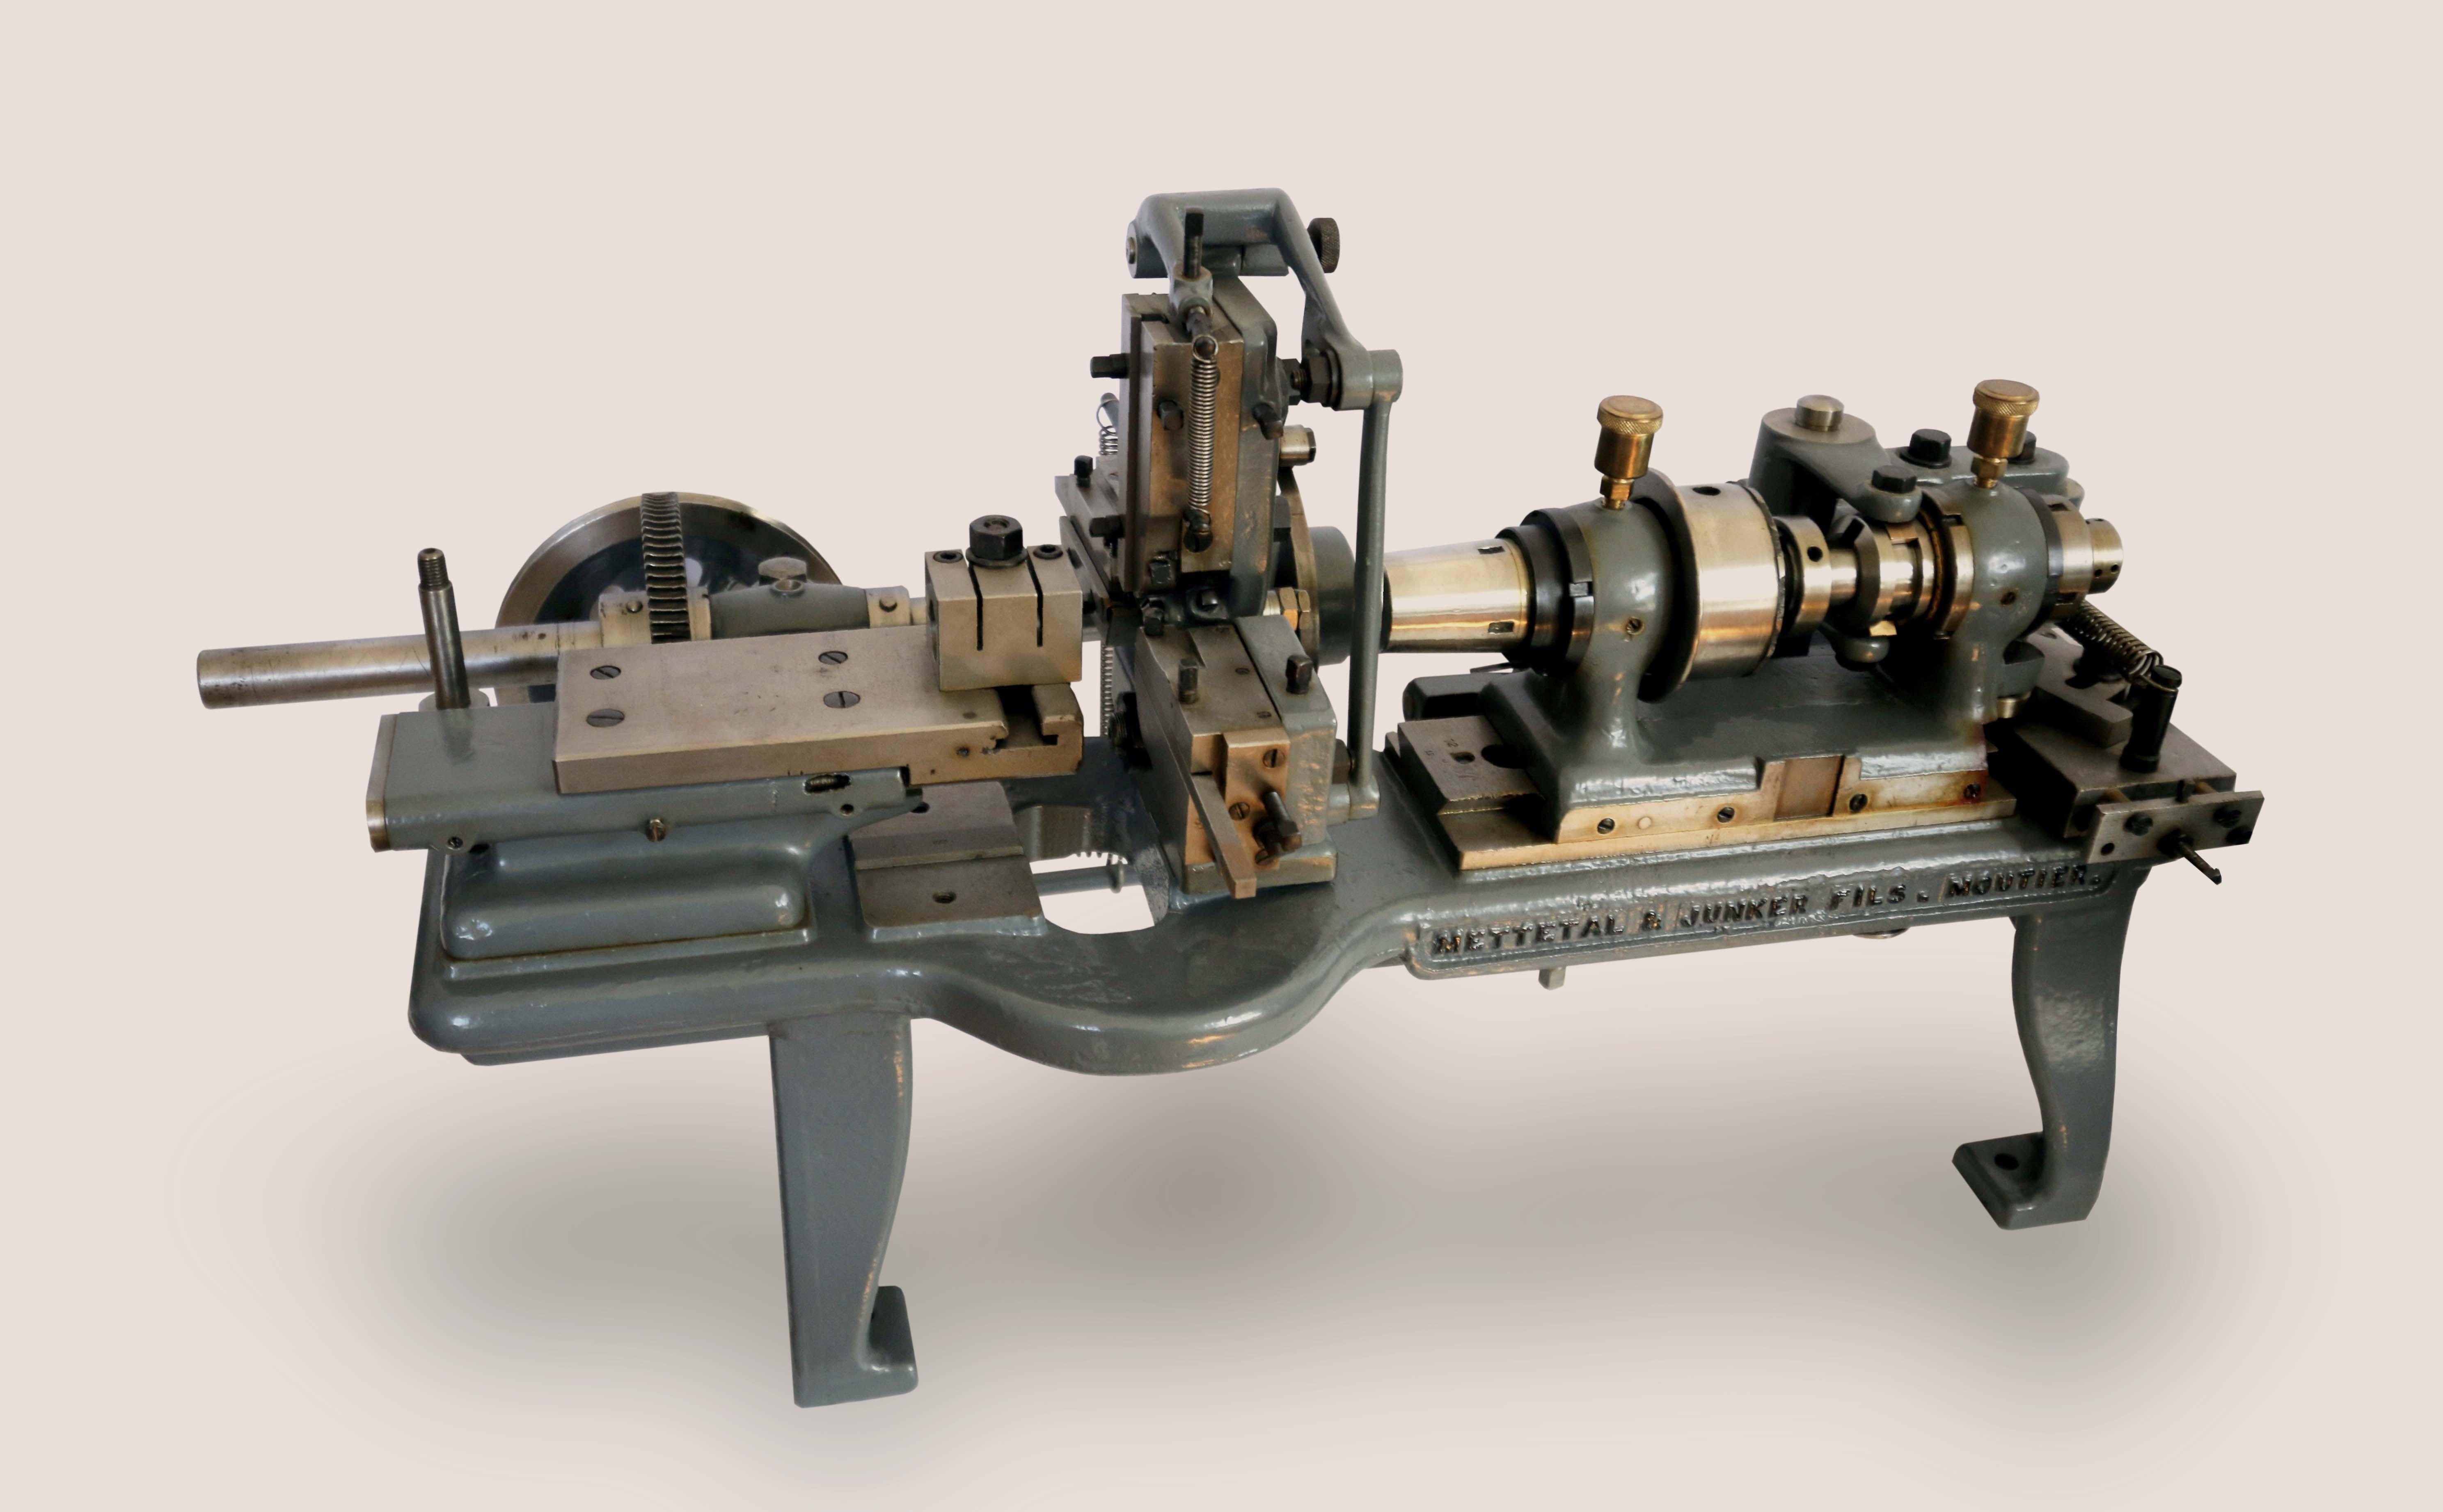 Mettetal/Junker Fils (1905)